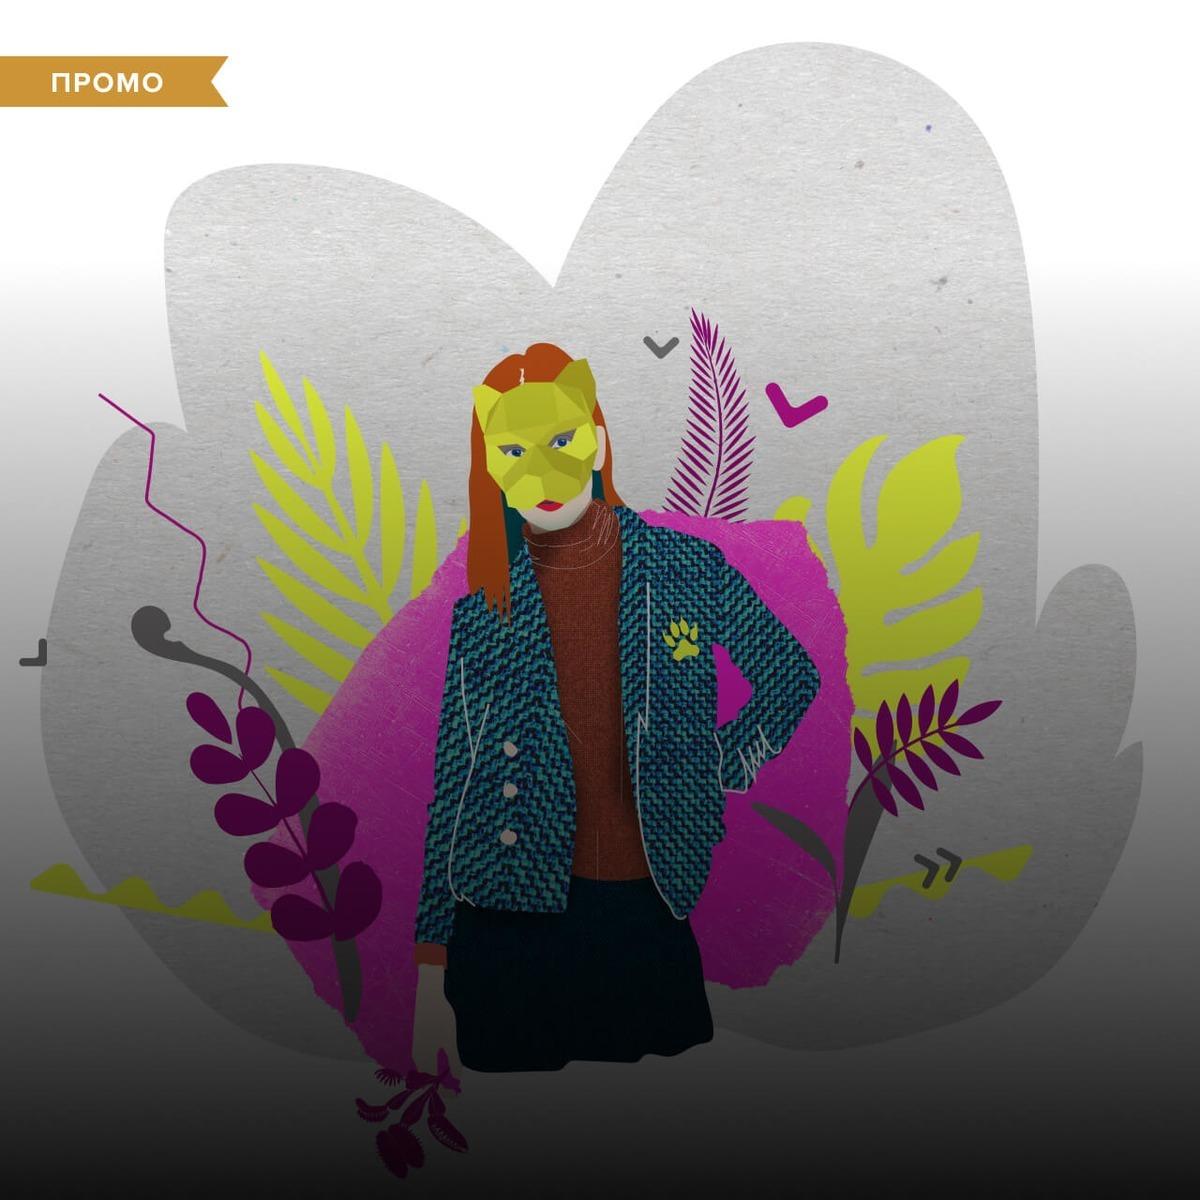 Як працює школа «Лідерка» для жінок з інвалідністю та як до неї долучитись? — Промо на Wonderzine